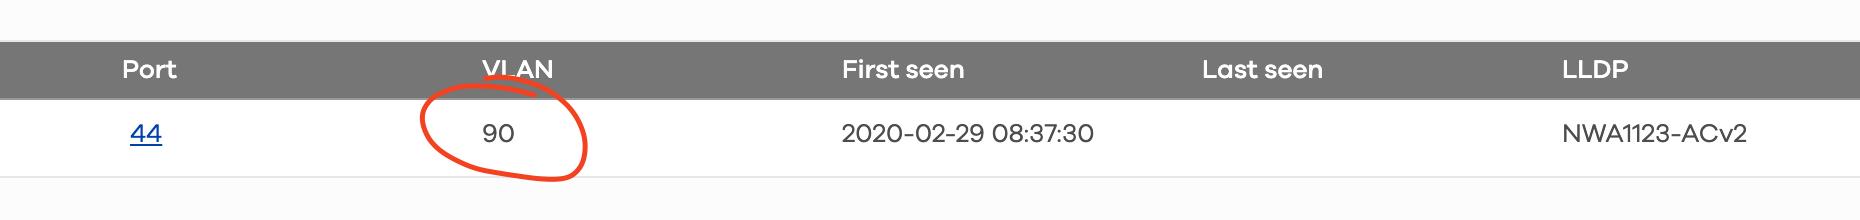 Bildschirmfoto 2020-02-29 um 10.35.26.png